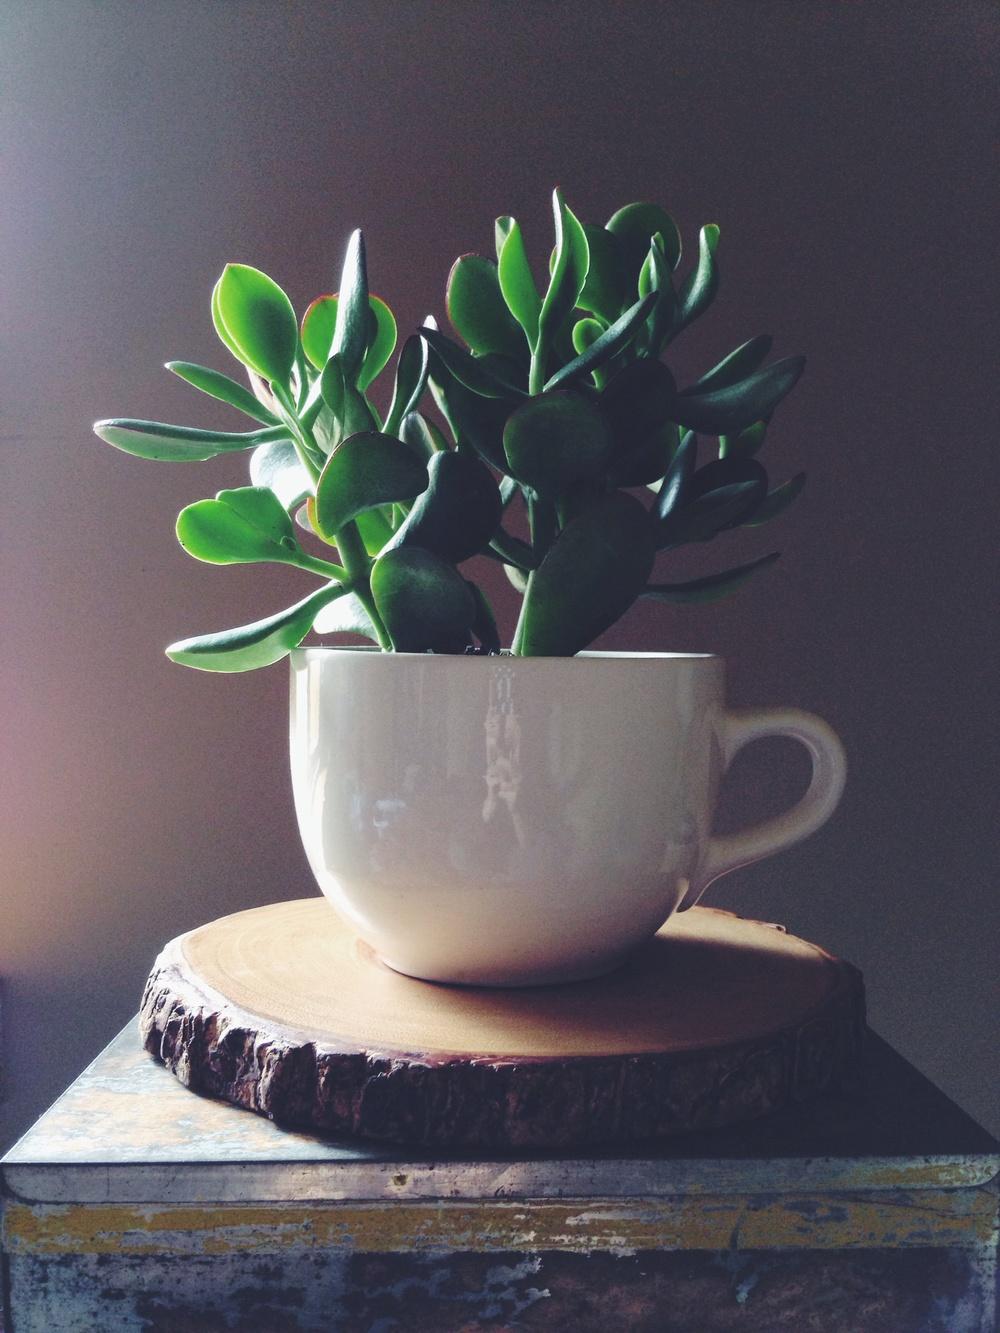 Mmmmm some succulent green tea.